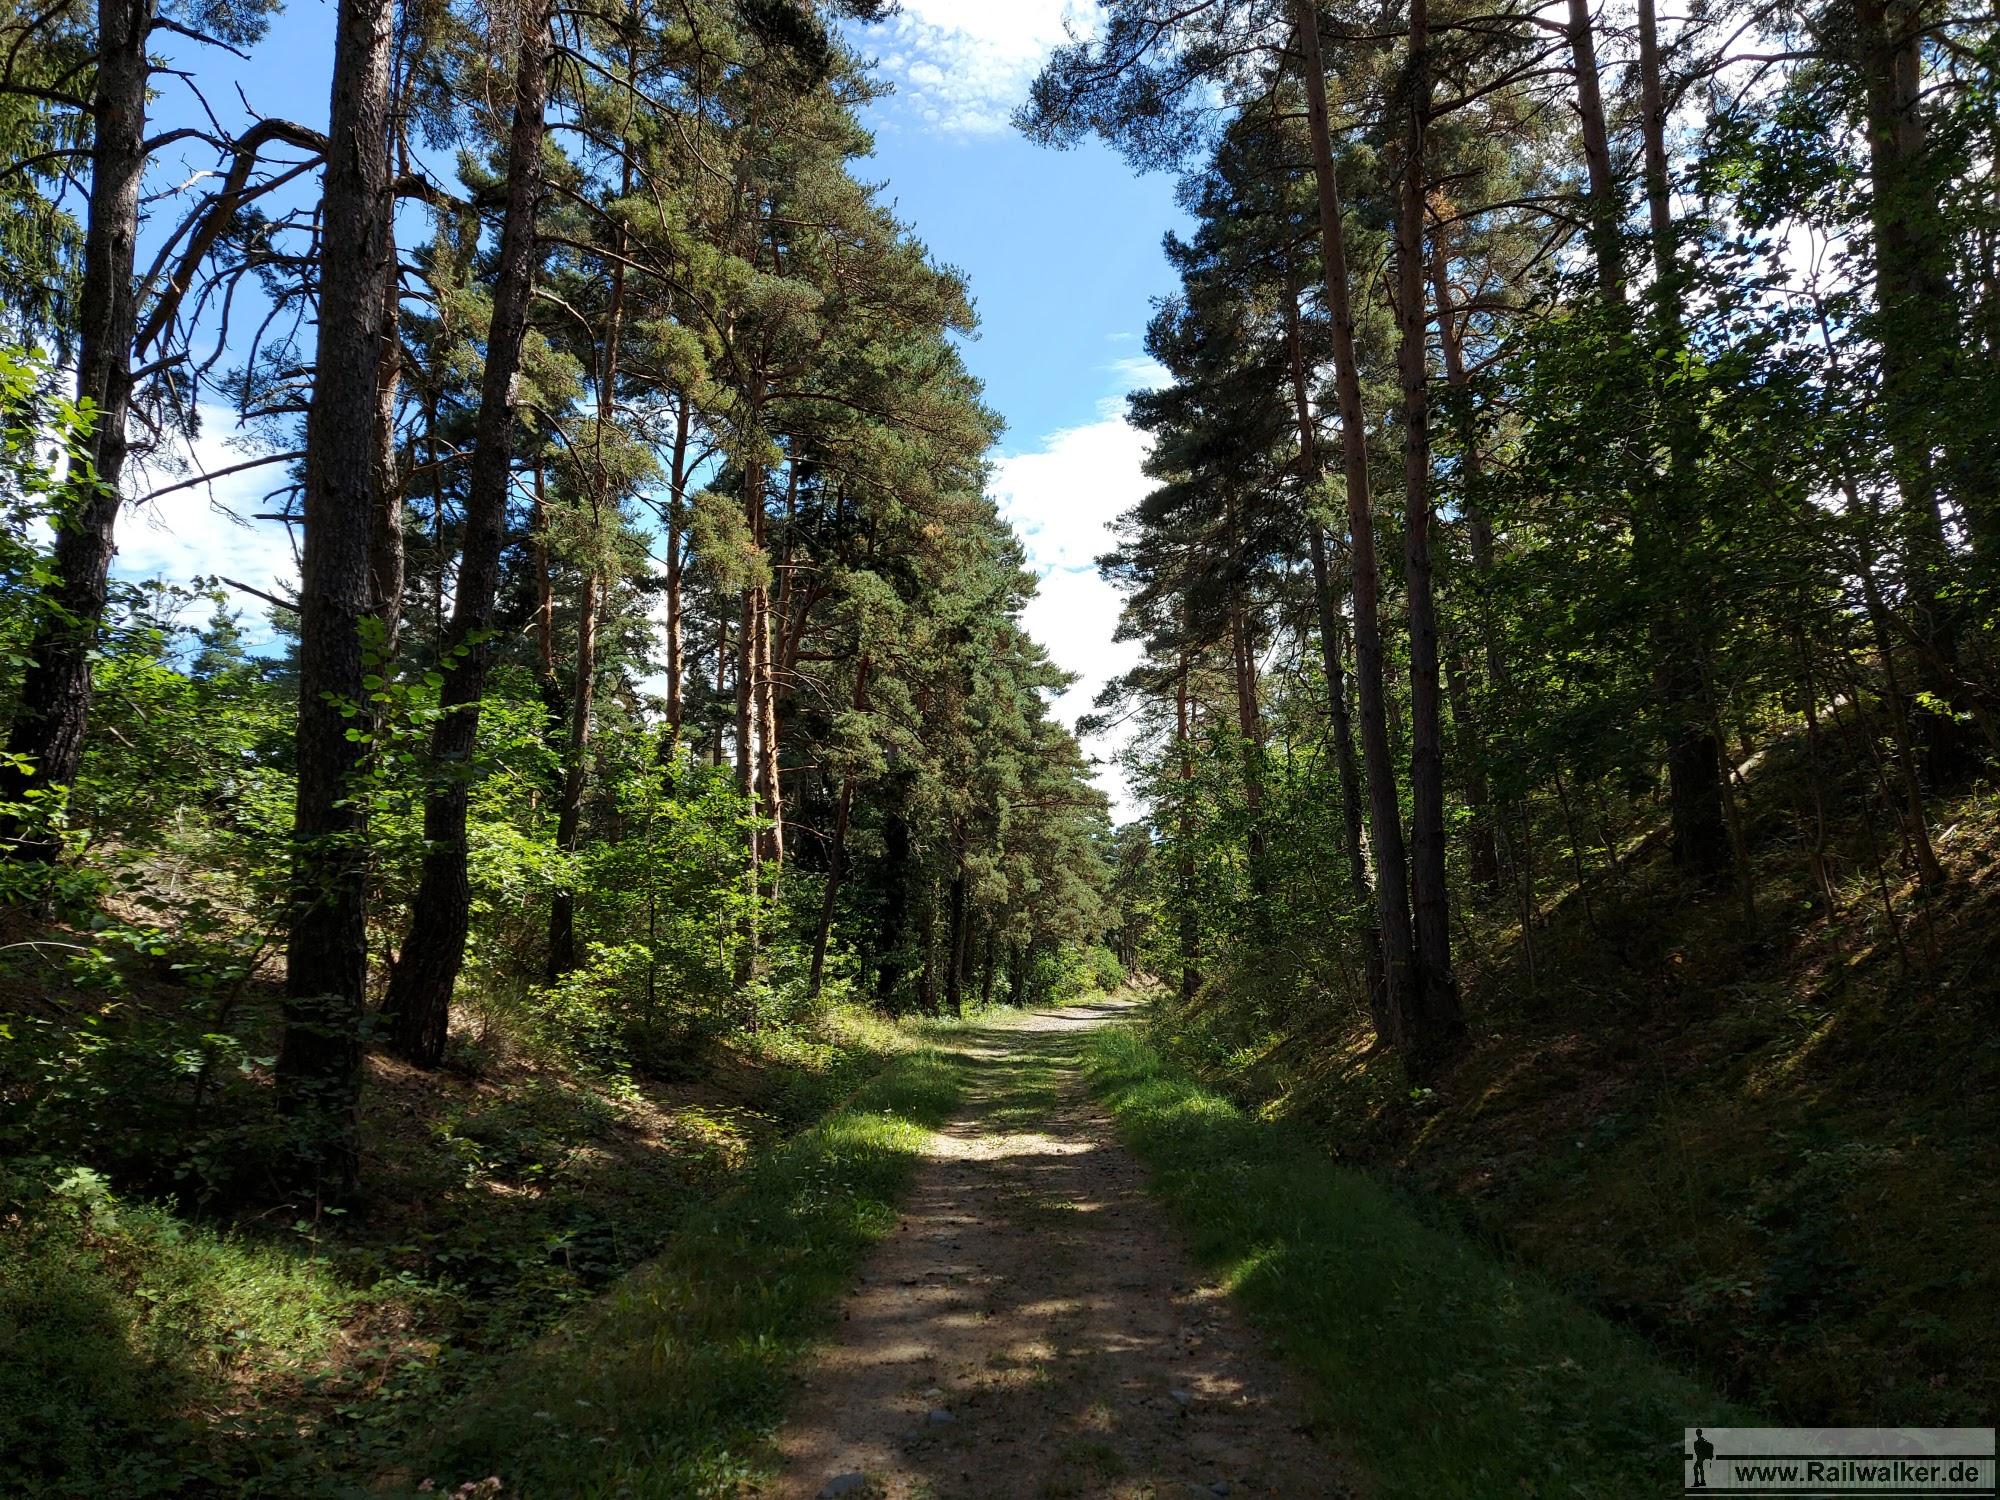 Die fertiggestellte Trasse der nie eröffneten strecke ist heute ein angenehmer Wanderweg, der überwiegend durch den Wald führt.